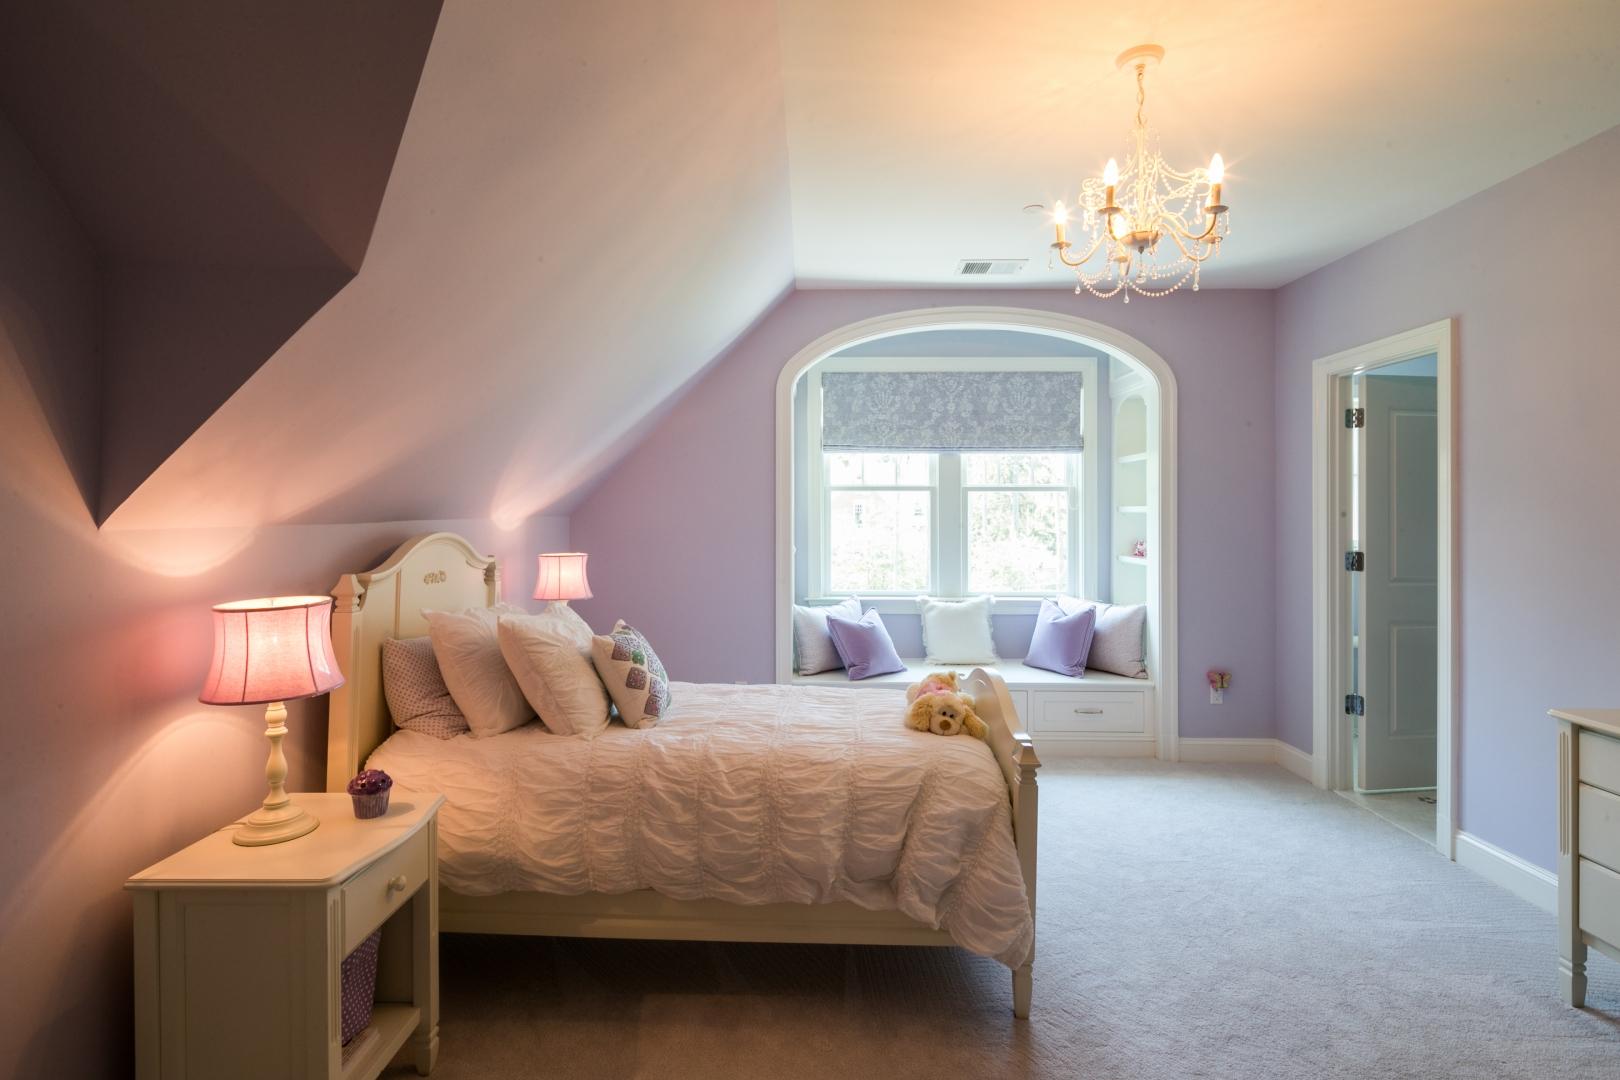 نکات جالب و خواندنی در مورد رنگ آمیزی اتاق خواب